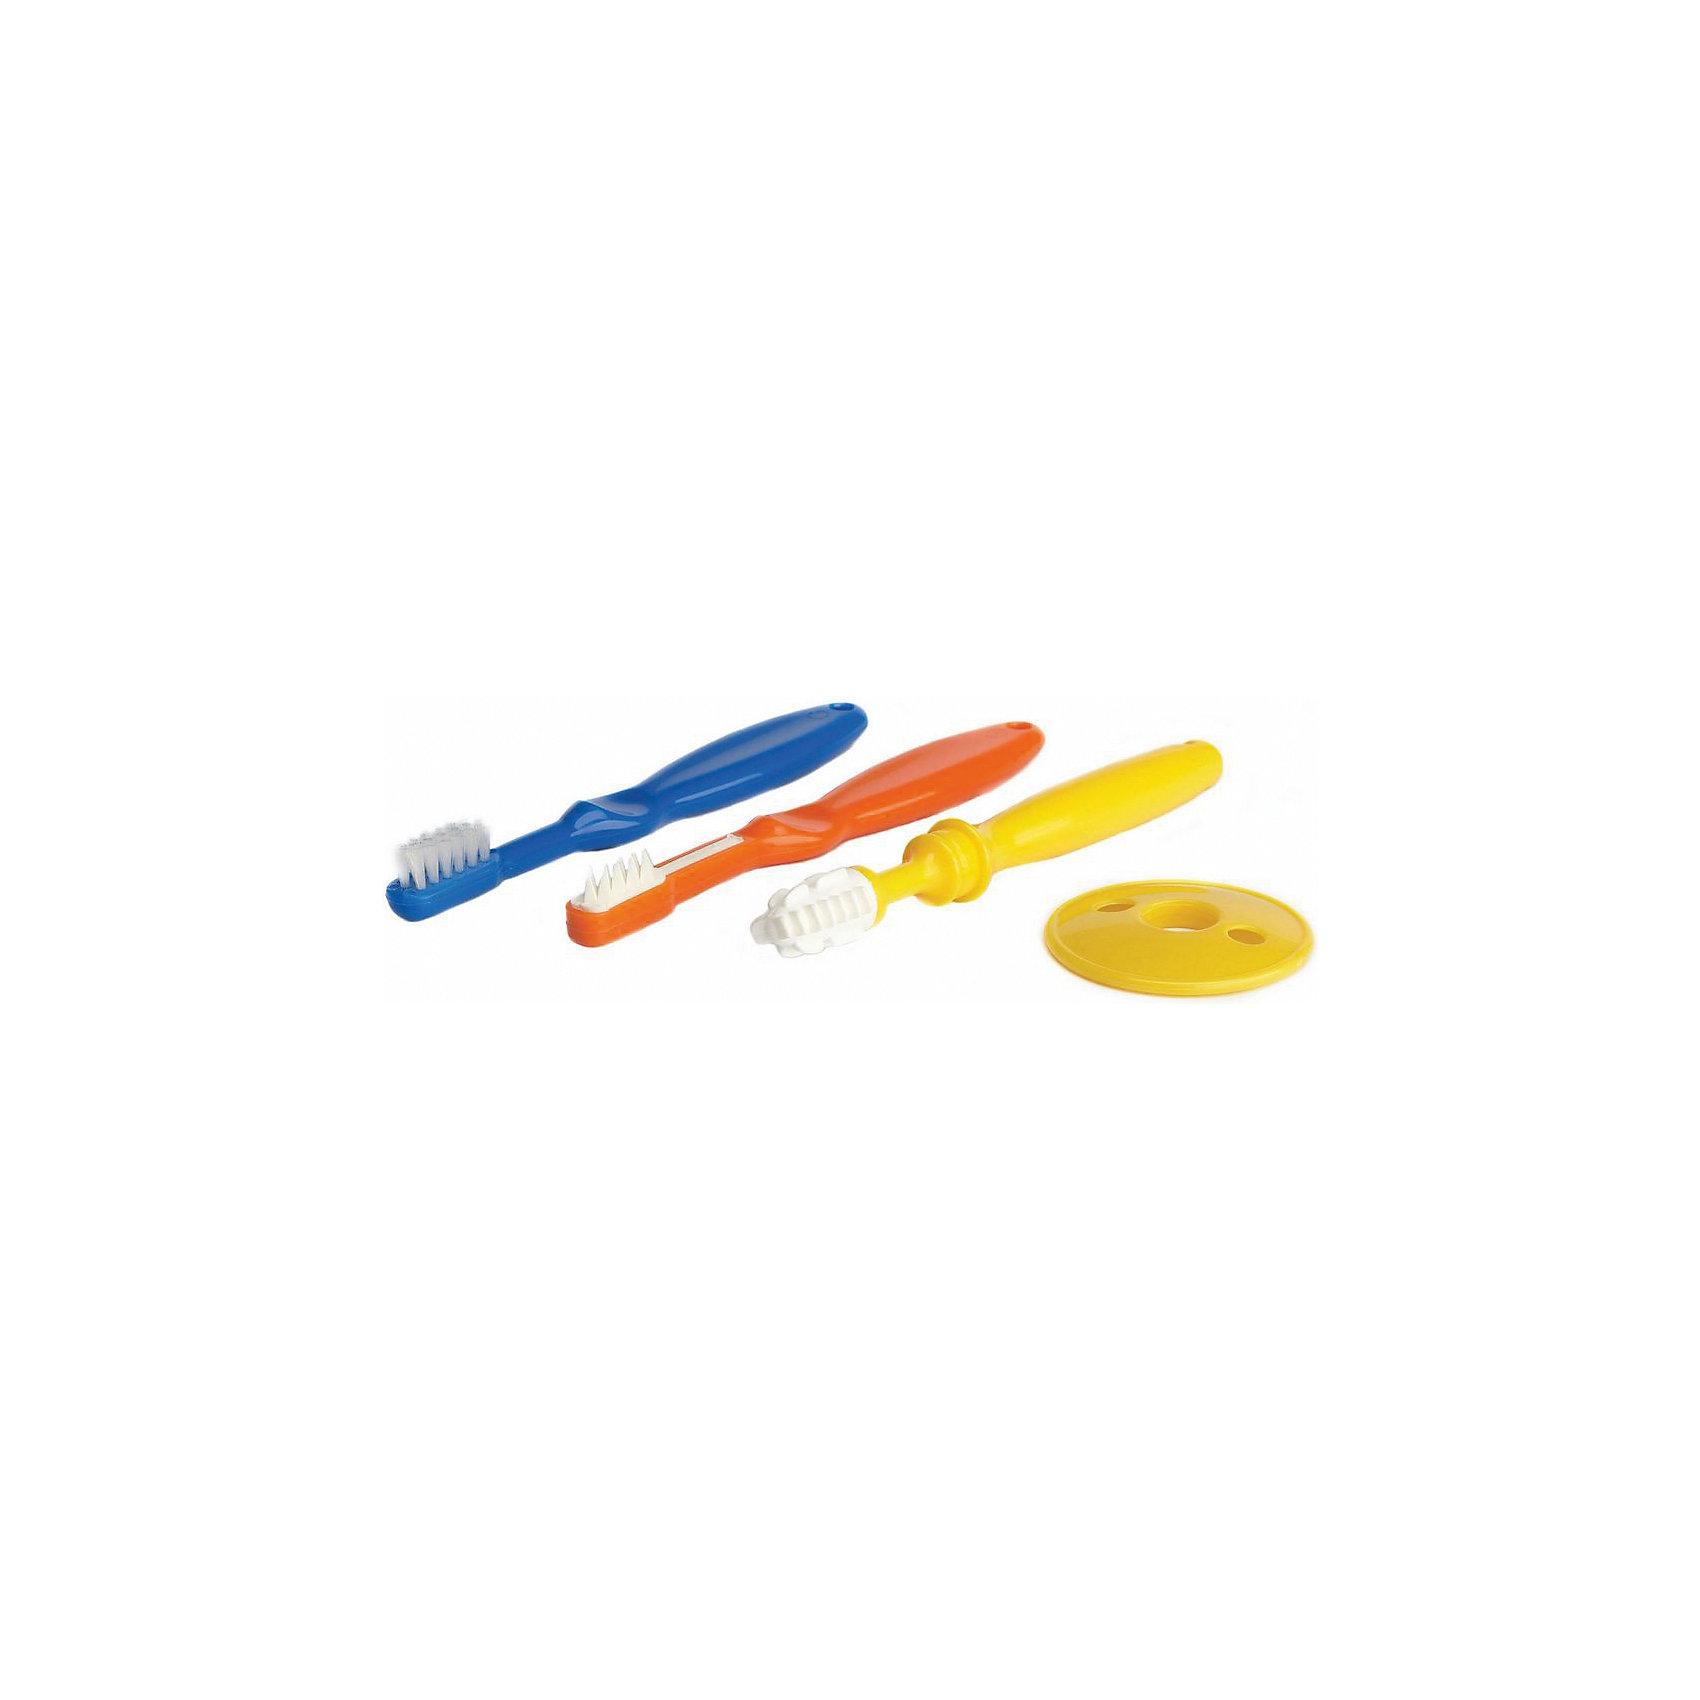 Набор детских зубных щеток, 4+, 3 шт., KurnosikiЗубные щетки<br>Характеристики:<br><br>• Наименование: зубная щетка<br>• Материал: пластик, нейлон, термопластрезина<br>• Пол: универсальный<br>• Цвет: желтый, синий, оранжевый<br>• Рисунок: без рисунка<br>• Комплектация: массажная щетка, щетка с мягкой щетиной, щетка с щетиной из нейлона<br>• Мягкая щетина <br>• Наличие защитного съемного диска<br>• Отсутствие острых углов<br>• Вес: 60 г<br>• Параметры (Д*Ш*В): 13,5*2 см <br>• Особенности ухода: можно мыть в теплой воде с гипоаллергенными моющими сведствами<br><br>Набор детских зубных щеток, 4+, 3 шт., Kurnosiki выполнен из гипоаллергенных материалов, которые не вызывают раздражения и не травмируют десны. Набор состоит из трех щеток: одна с массажным наконечником, которую можно использовать для массирования десен, вторая – с щетиной из термопластрезины для чистки первых зубов и третья – классическая щетка с мягкой щетиной из нейлона. <br><br>В комплекте имеется защитное кольцо, которое устанавливается на ручку, тем самым защищая от глубокого проникновения. Набор детских зубных щеток, 4+, 3 шт., Kurnosiki – идеальное решение для приучения к гигиене полости рта.<br><br>Набор детских зубных щеток, 4+, 3 шт., Kurnosiki можно купить в нашем интернет-магазине.<br><br>Ширина мм: 15<br>Глубина мм: 155<br>Высота мм: 190<br>Вес г: 61<br>Возраст от месяцев: 4<br>Возраст до месяцев: 36<br>Пол: Унисекс<br>Возраст: Детский<br>SKU: 5428801